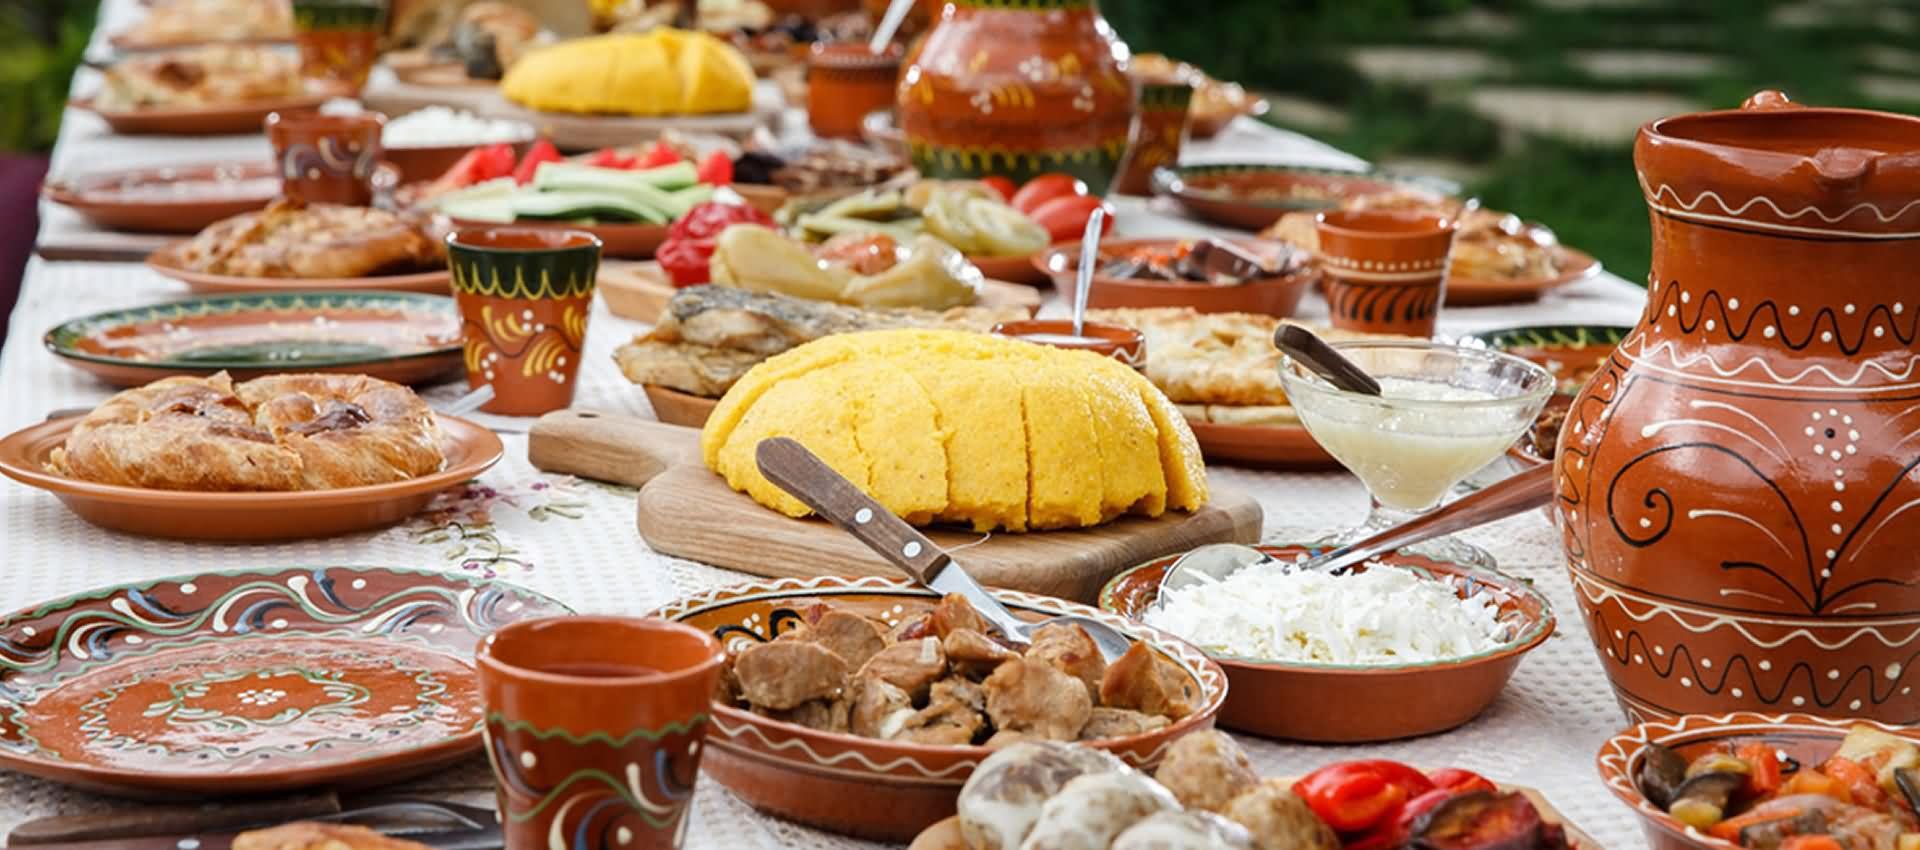 slide-romanian-food-ram-asociatia-romanilor-din-malaezia